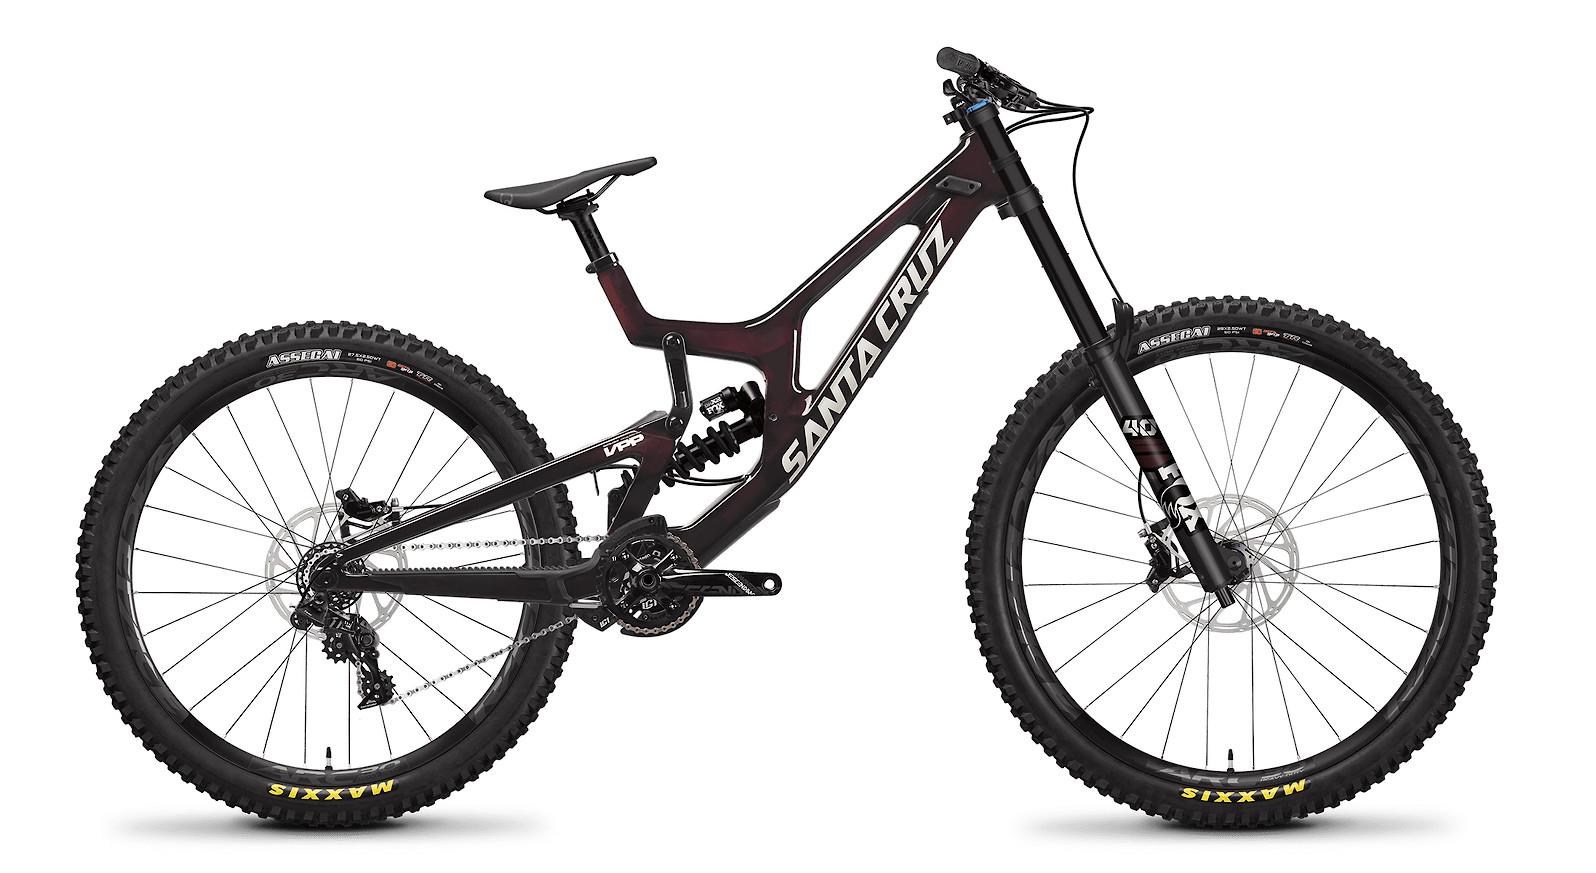 2021 Santa Cruz V10 DH S Carbon CC MX